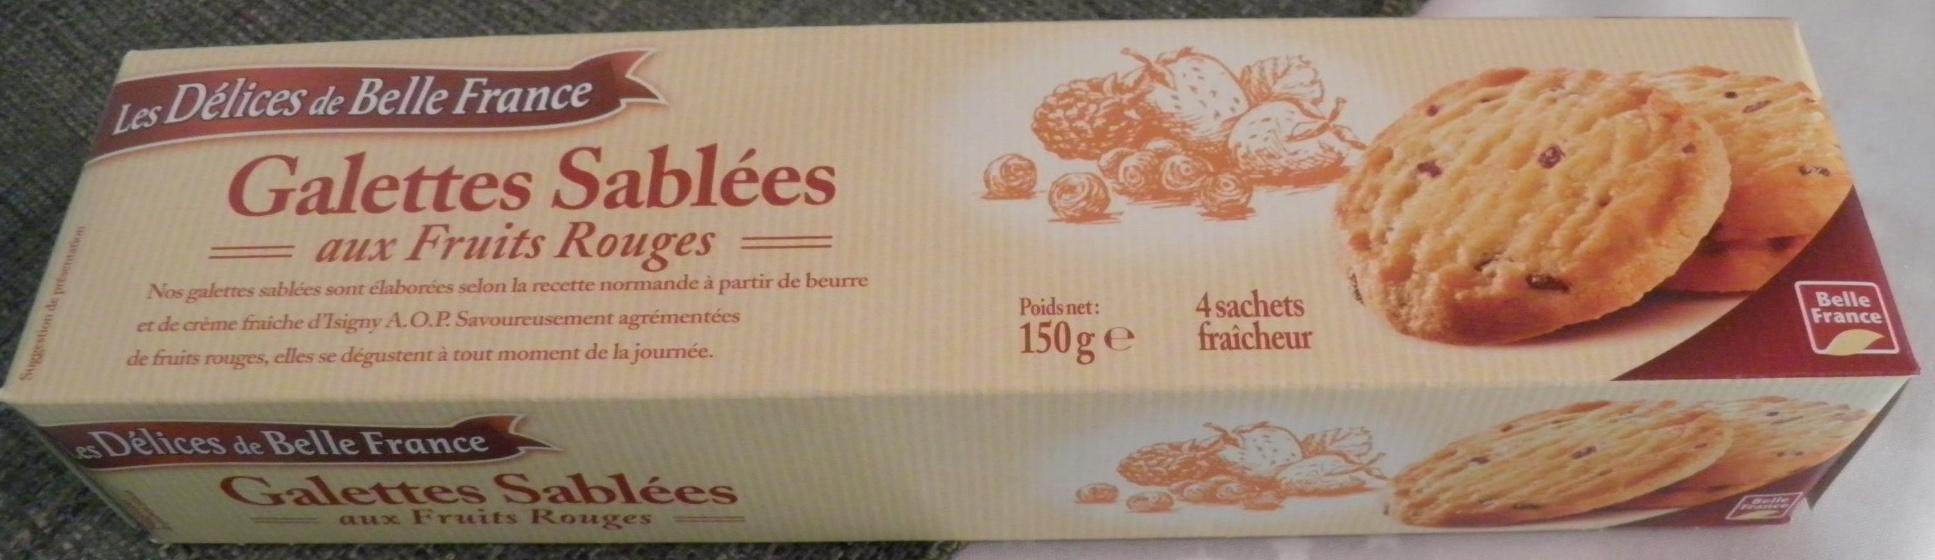 Galettes Sablées aux Fruits Rouges - Produit